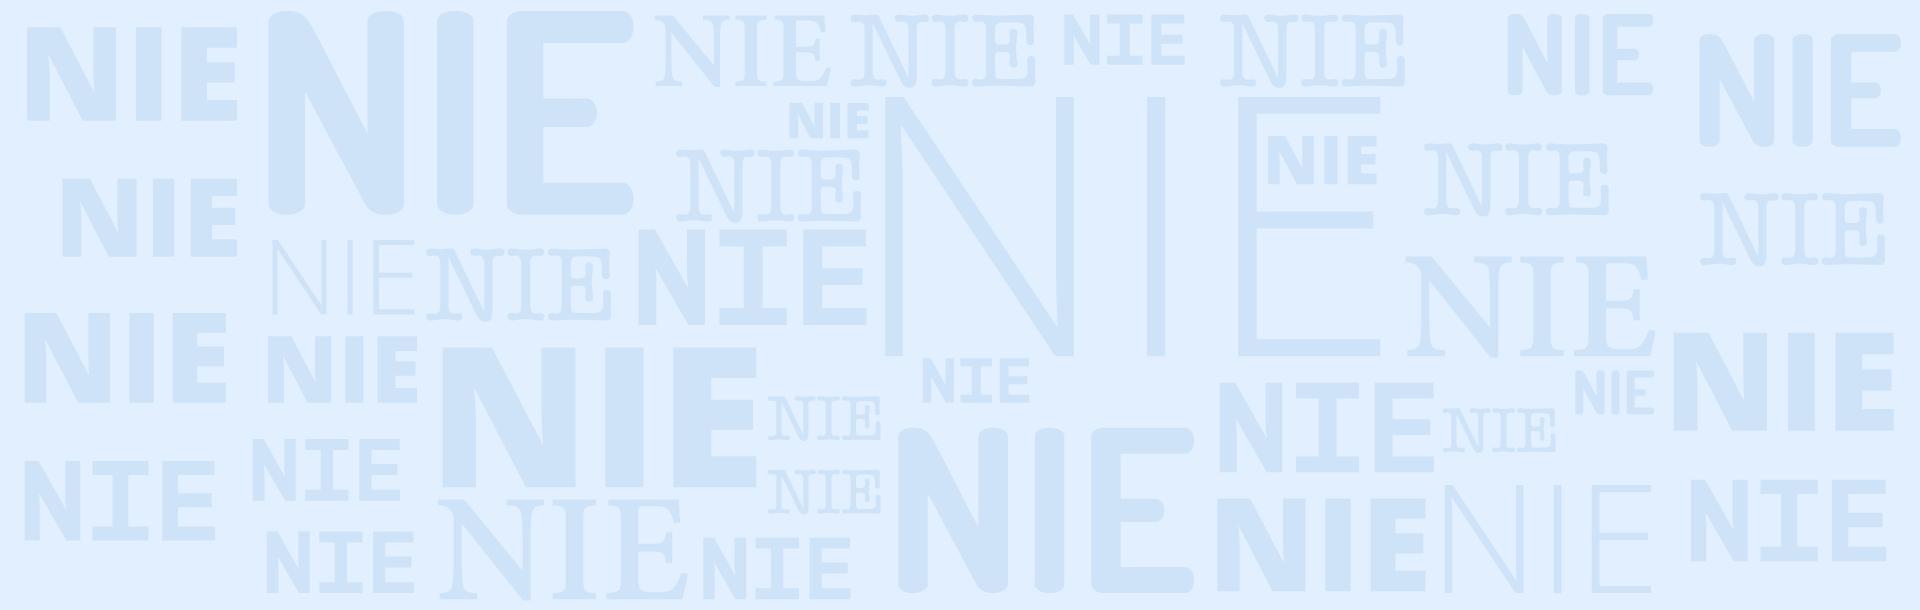 55 Okładka Źródło: Contentplus.pl sp. zo.o., licencja: CC BY 3.0.